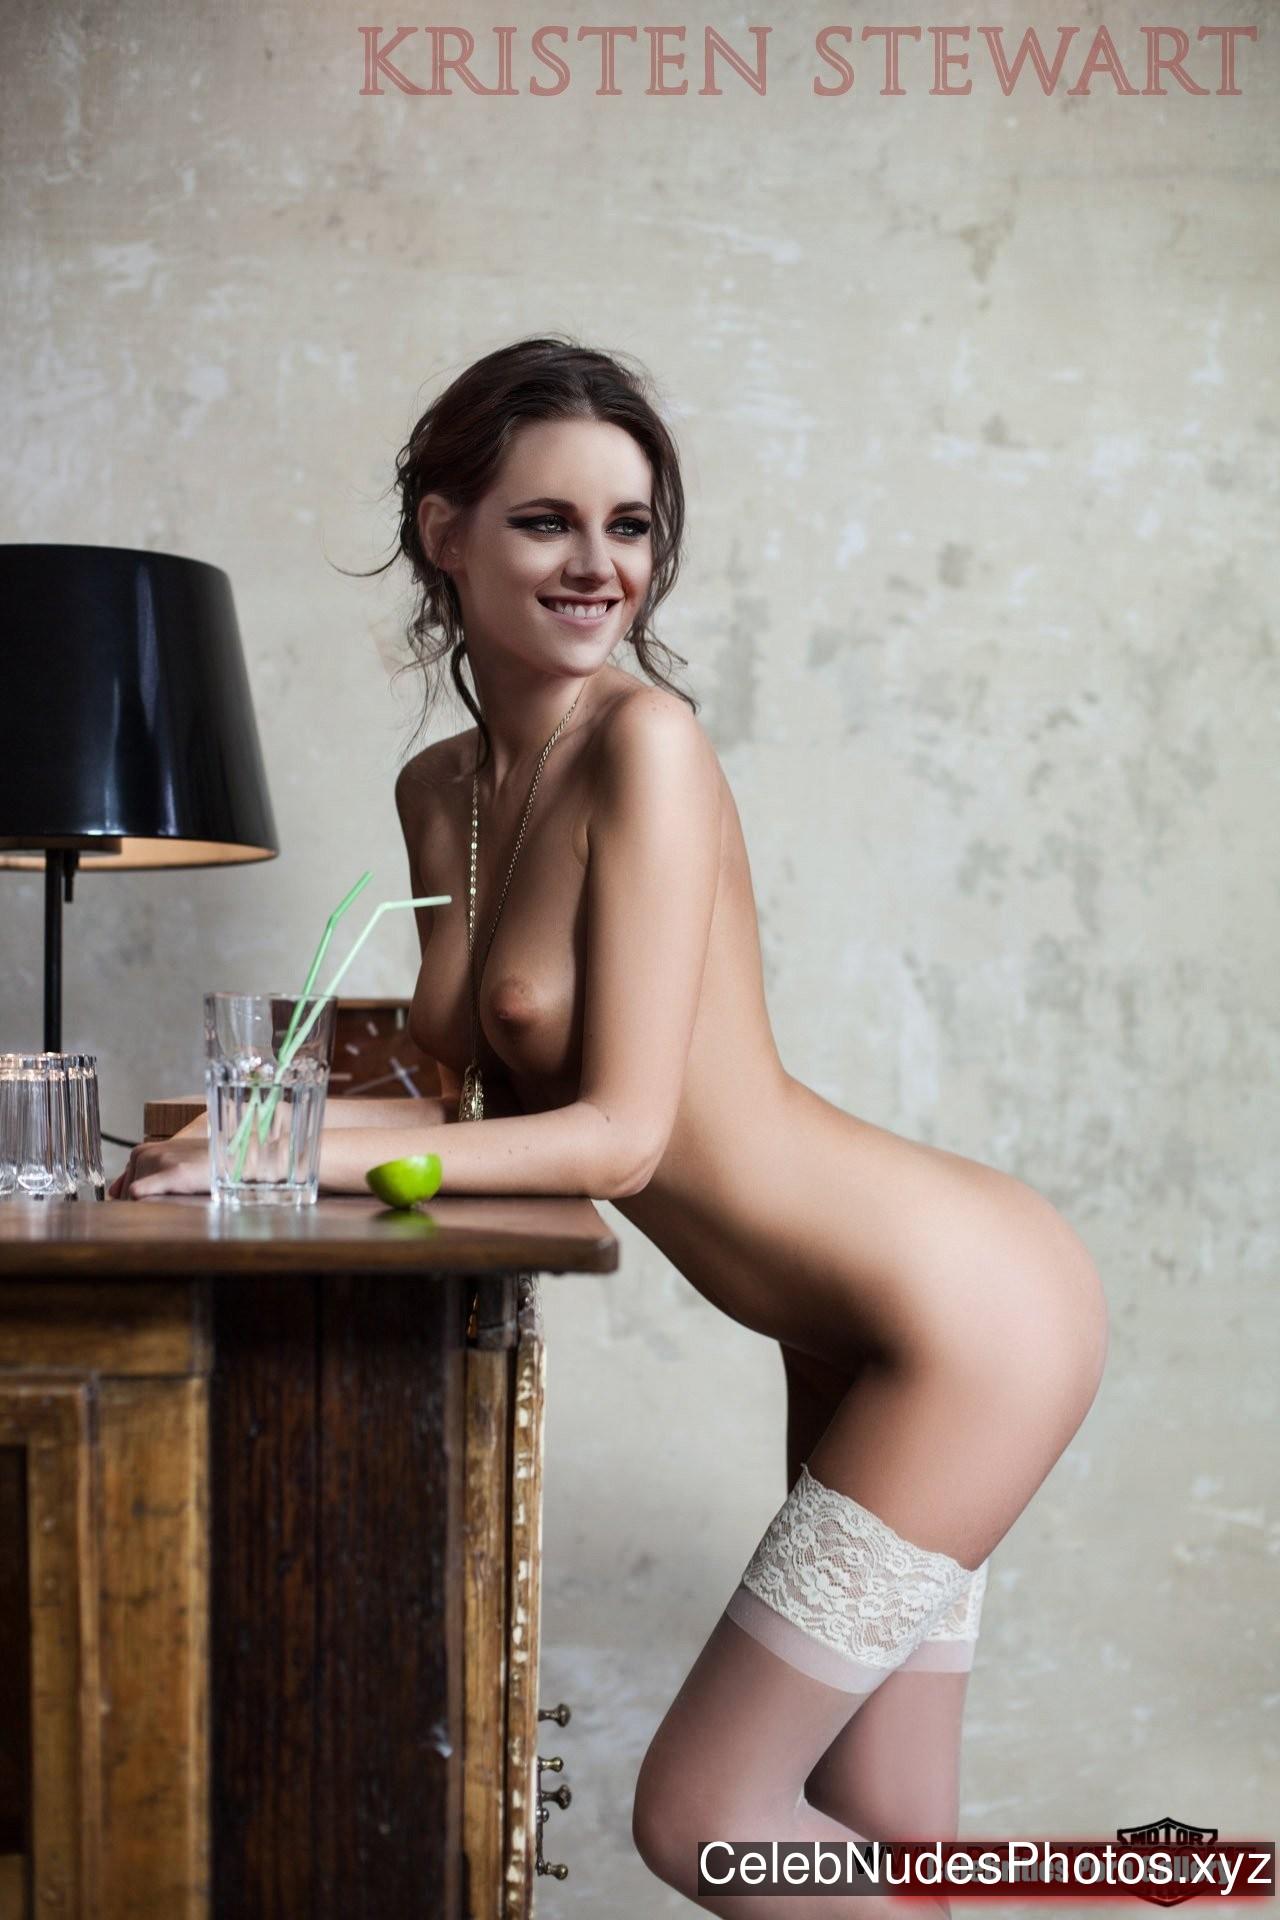 Kristen Stewart Free Nude Celeb sexy 11